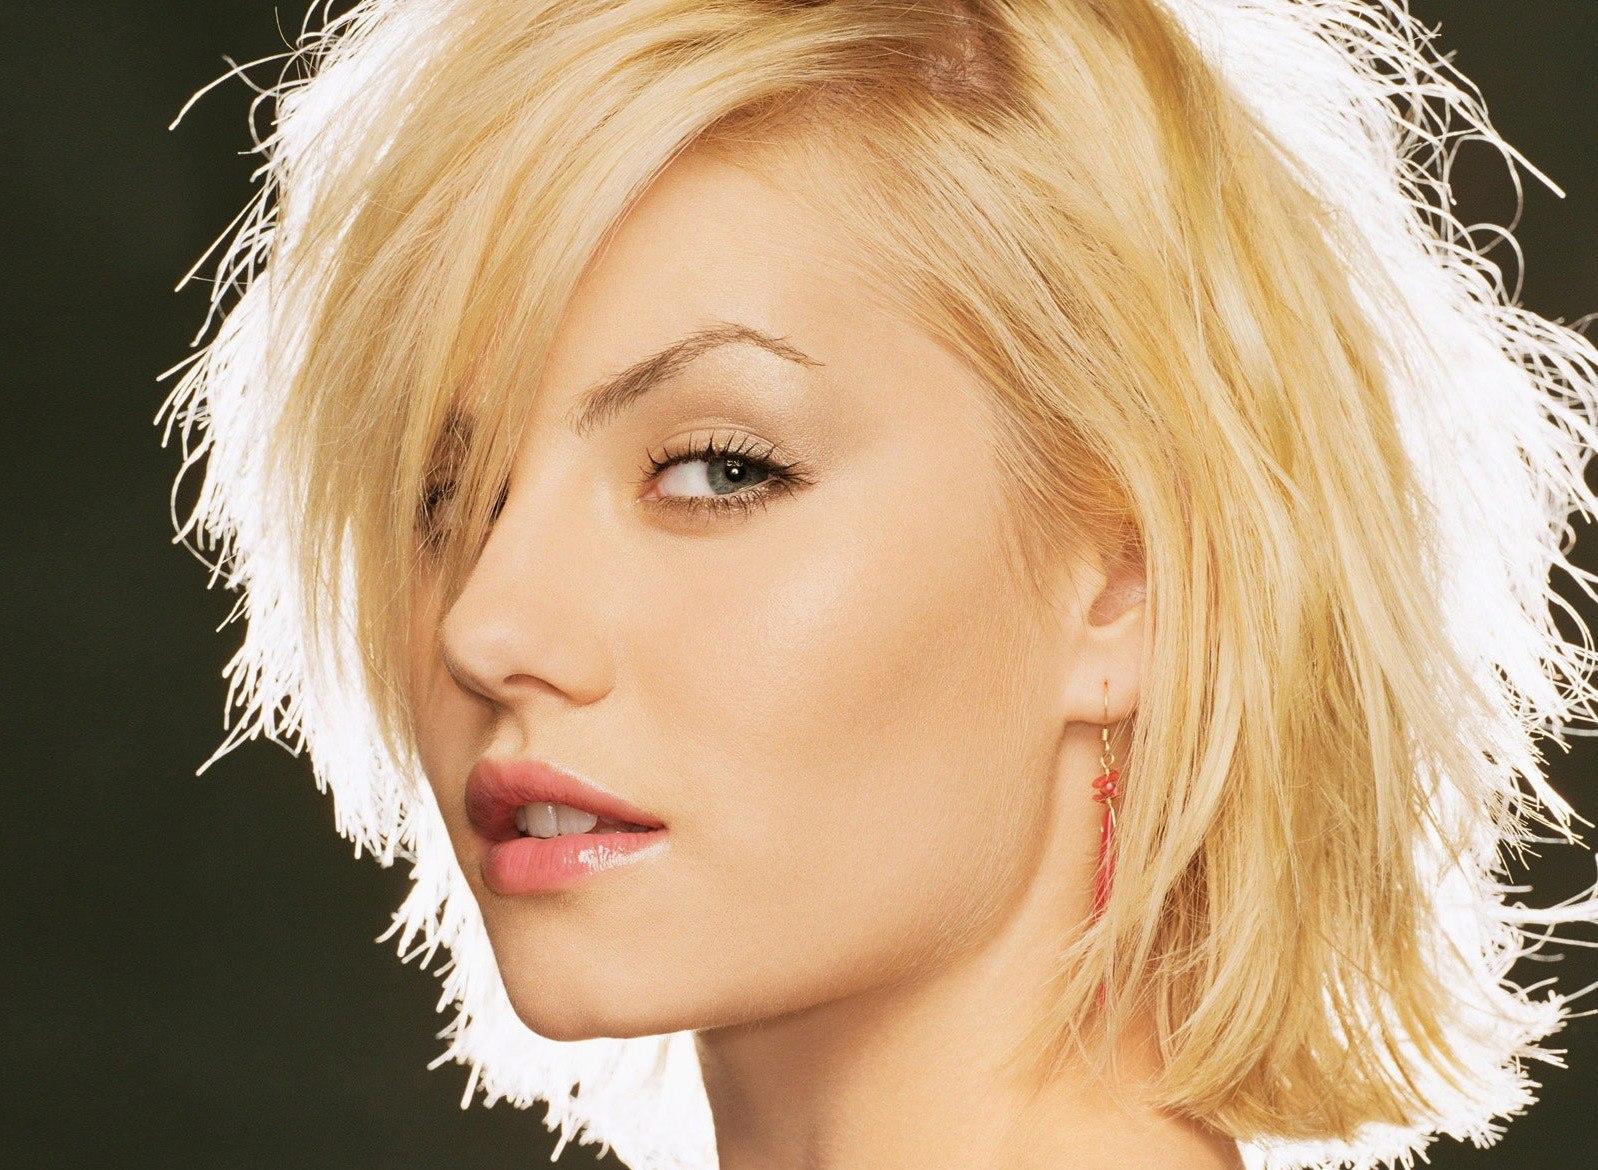 картинки блондинок: